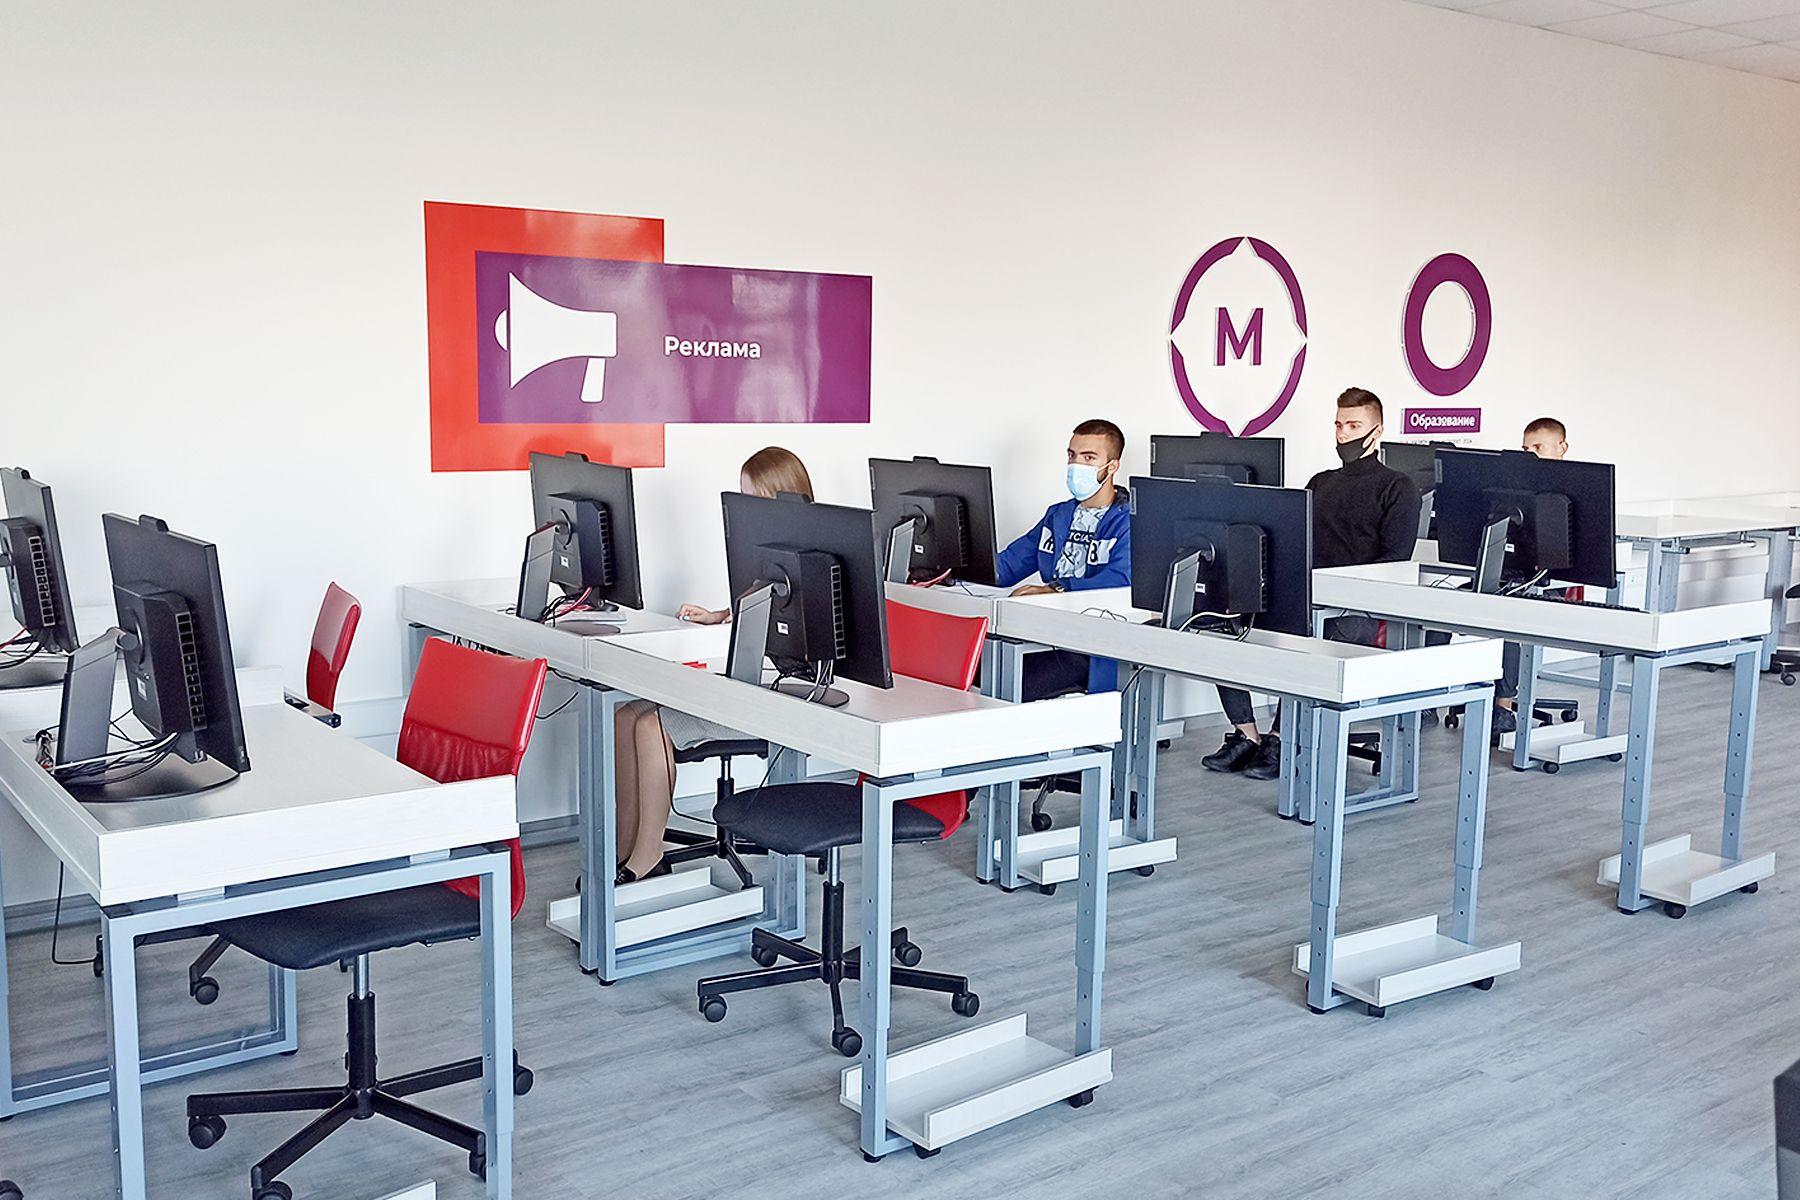 Демонстрационный экзамен по стандартам WS по компетенции «Реклама» сдали студенты ВГУЭС